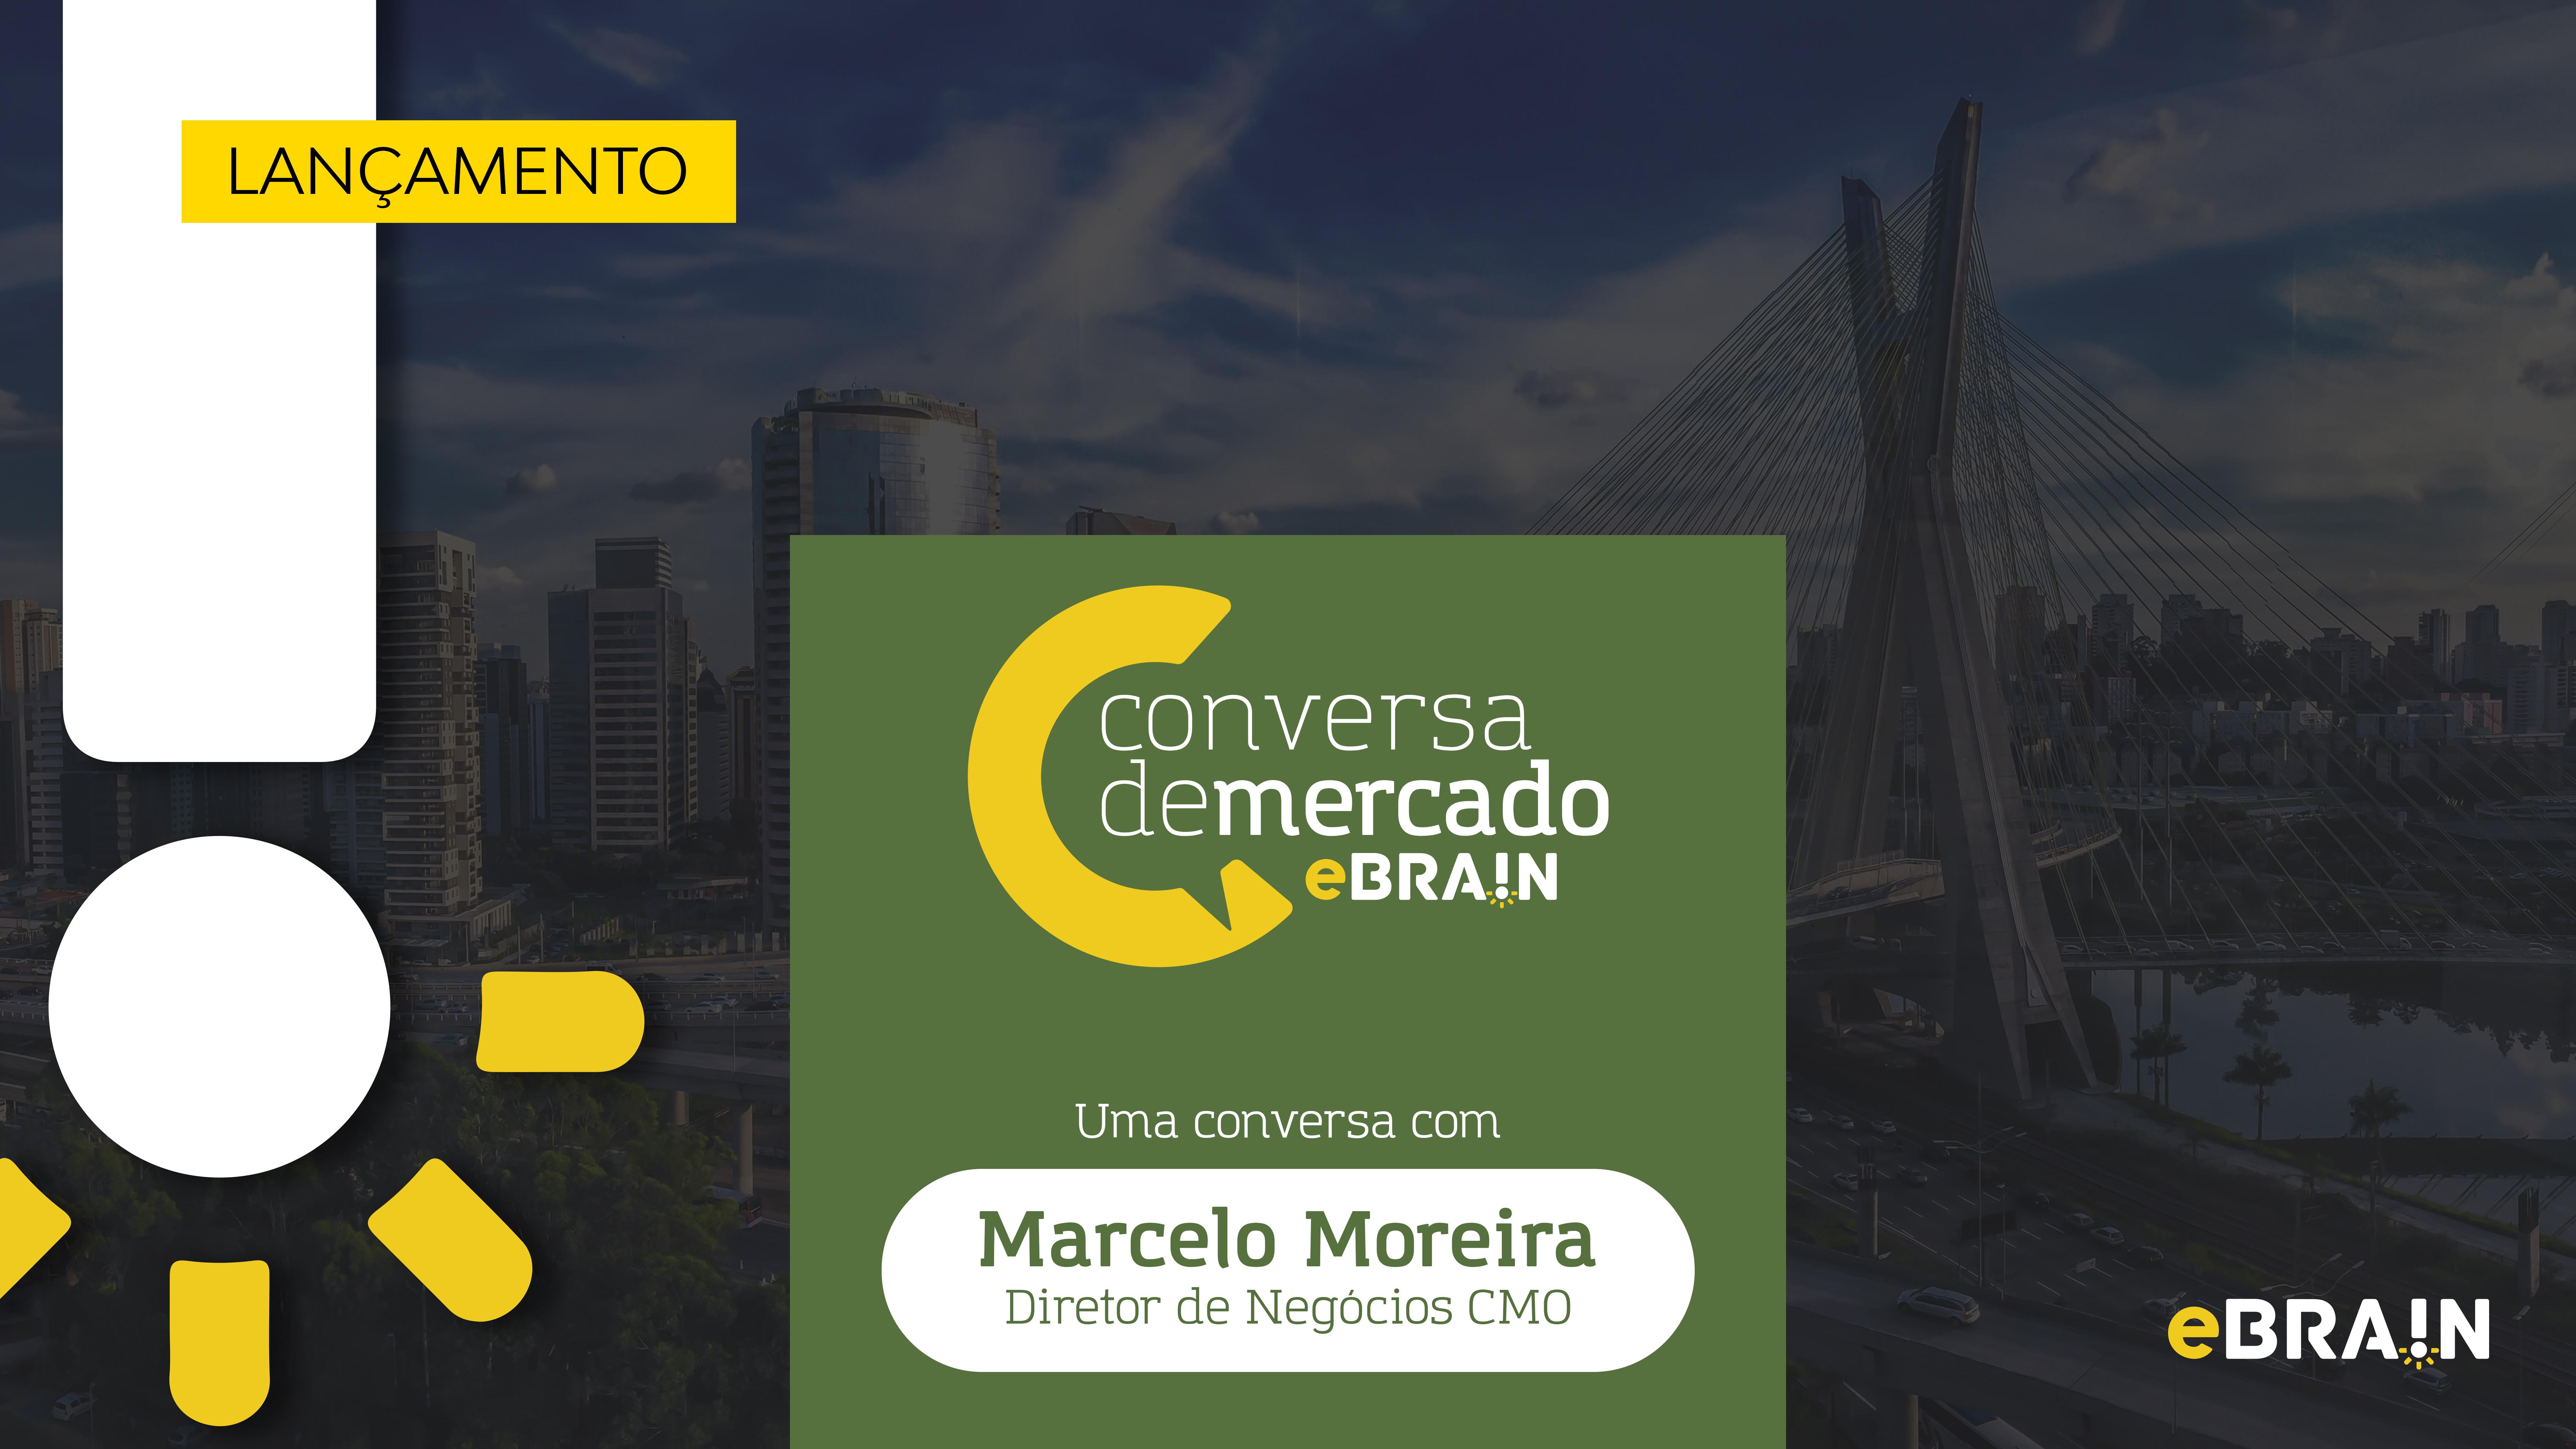 Marcelo%2bmoreira  lancamento